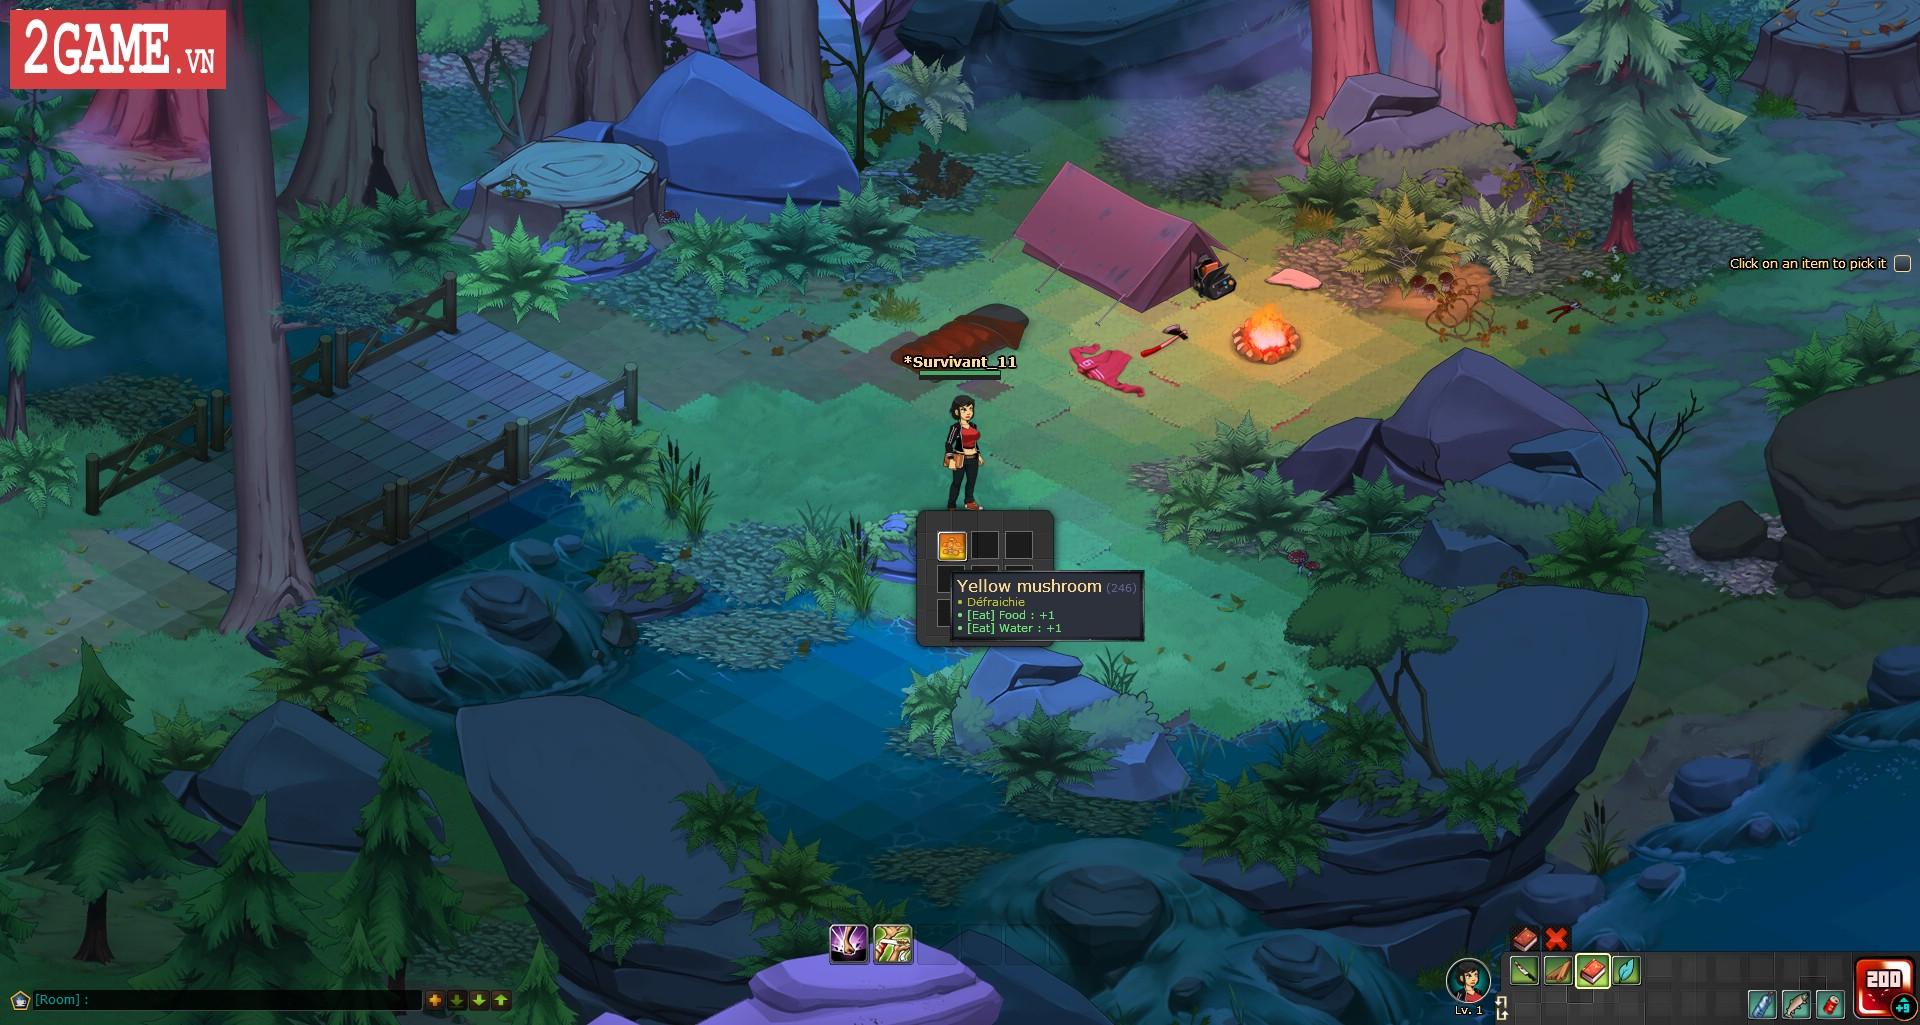 Dead Maze – Hé lộ dự án game nhập vai thế giới mở mới đầy đột phá 1